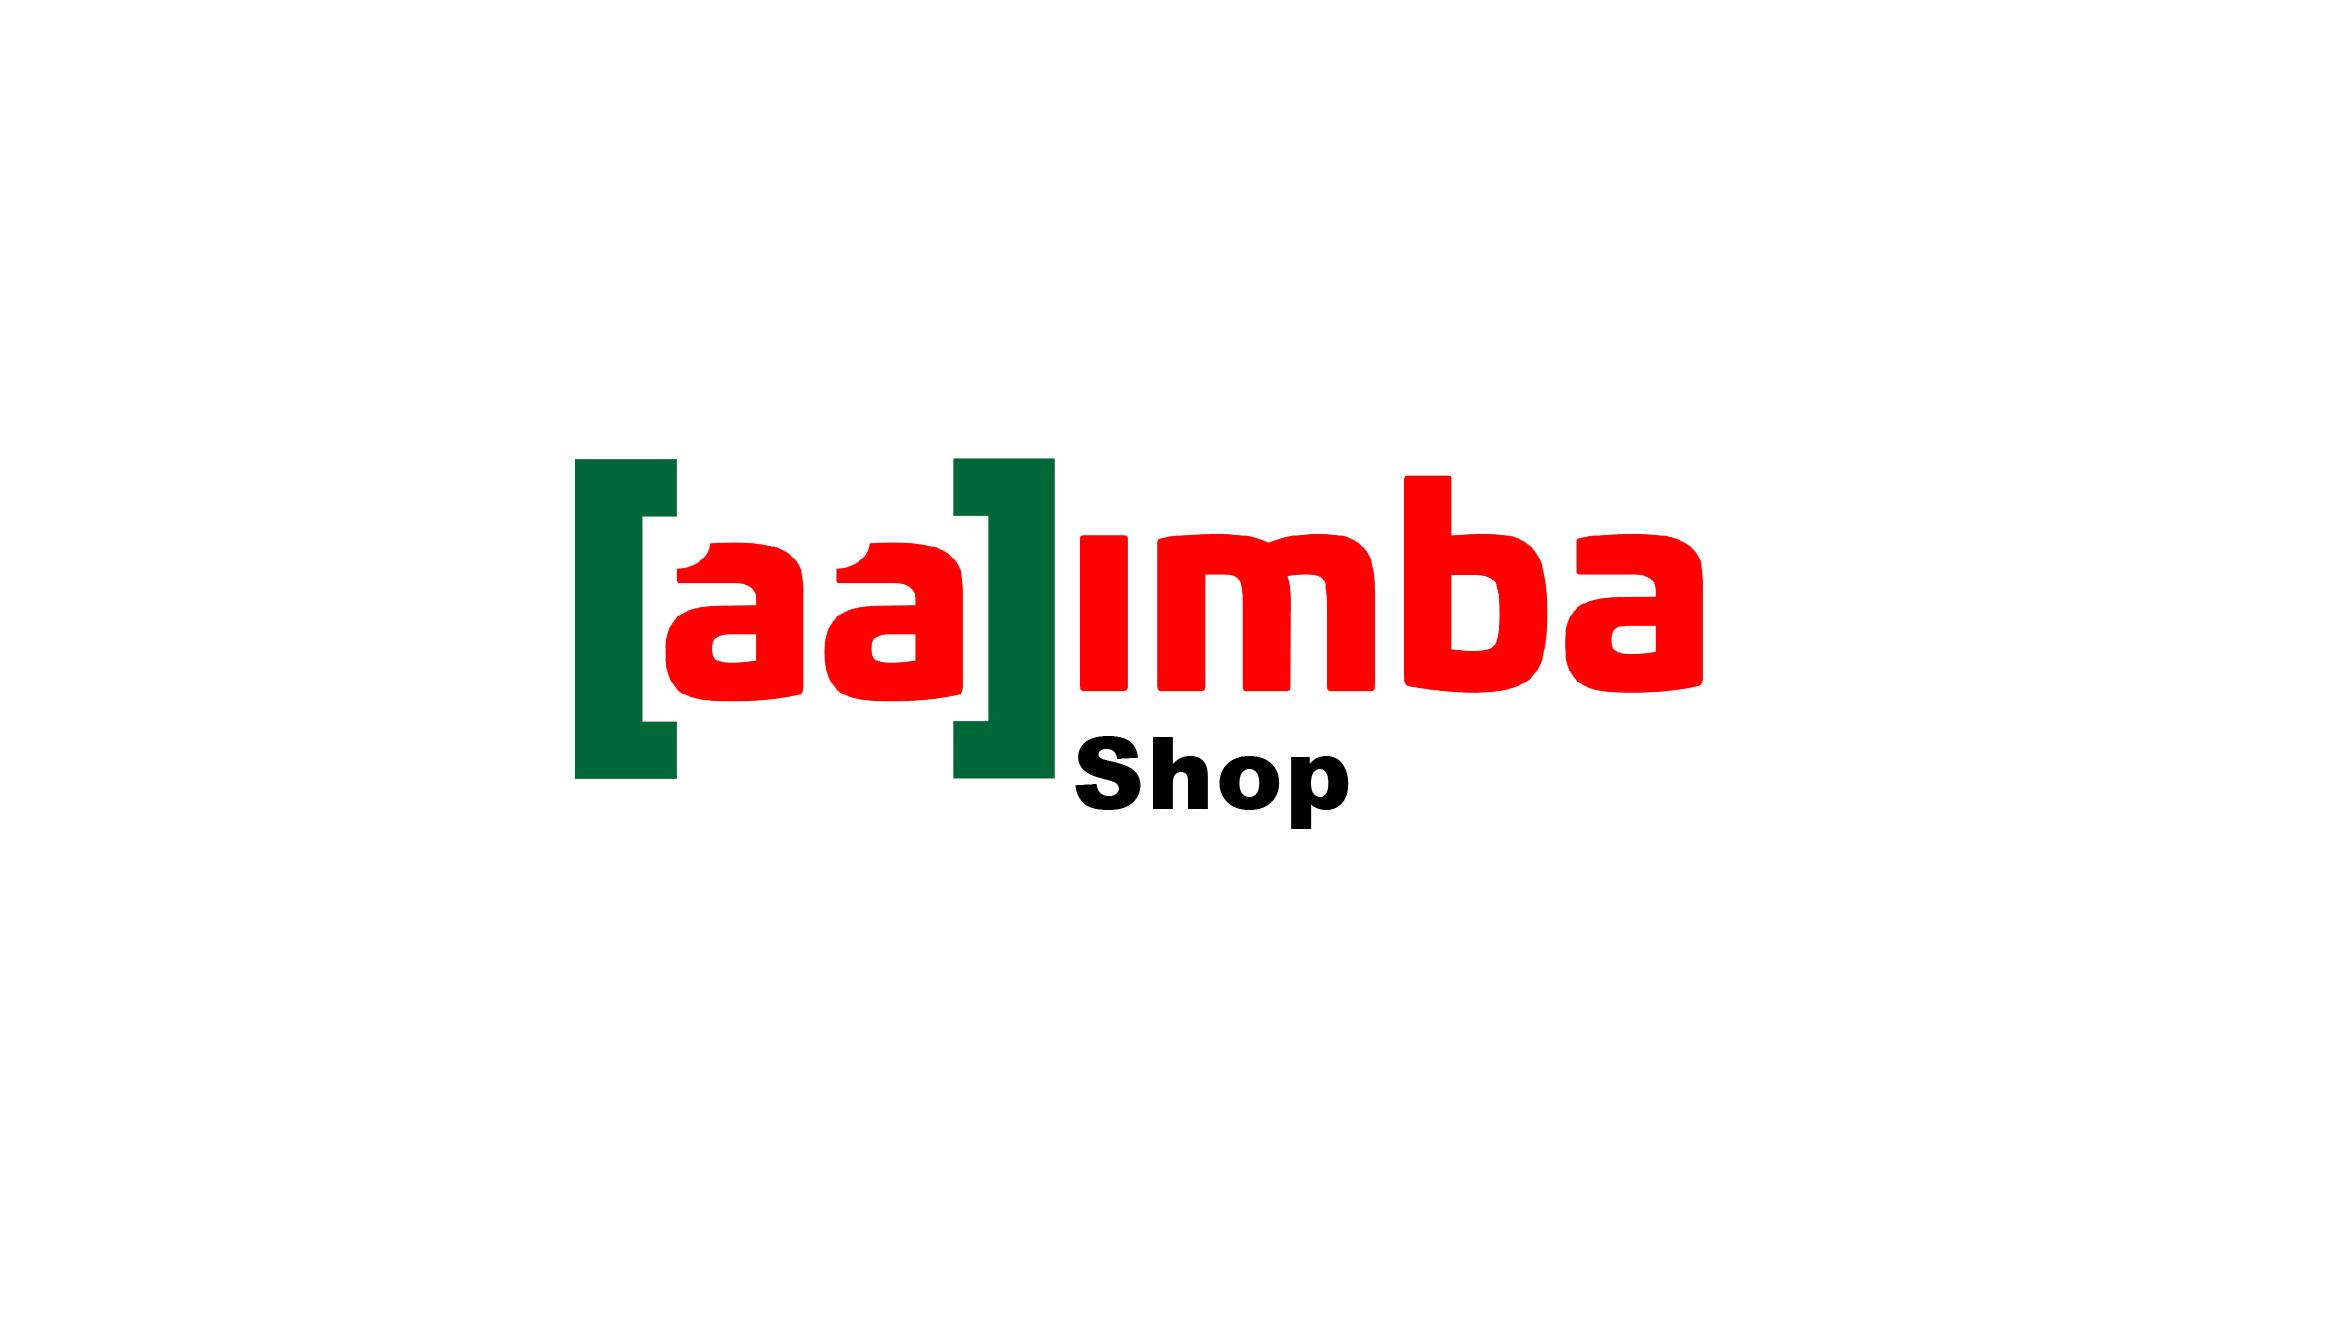 [aa]imba Shop